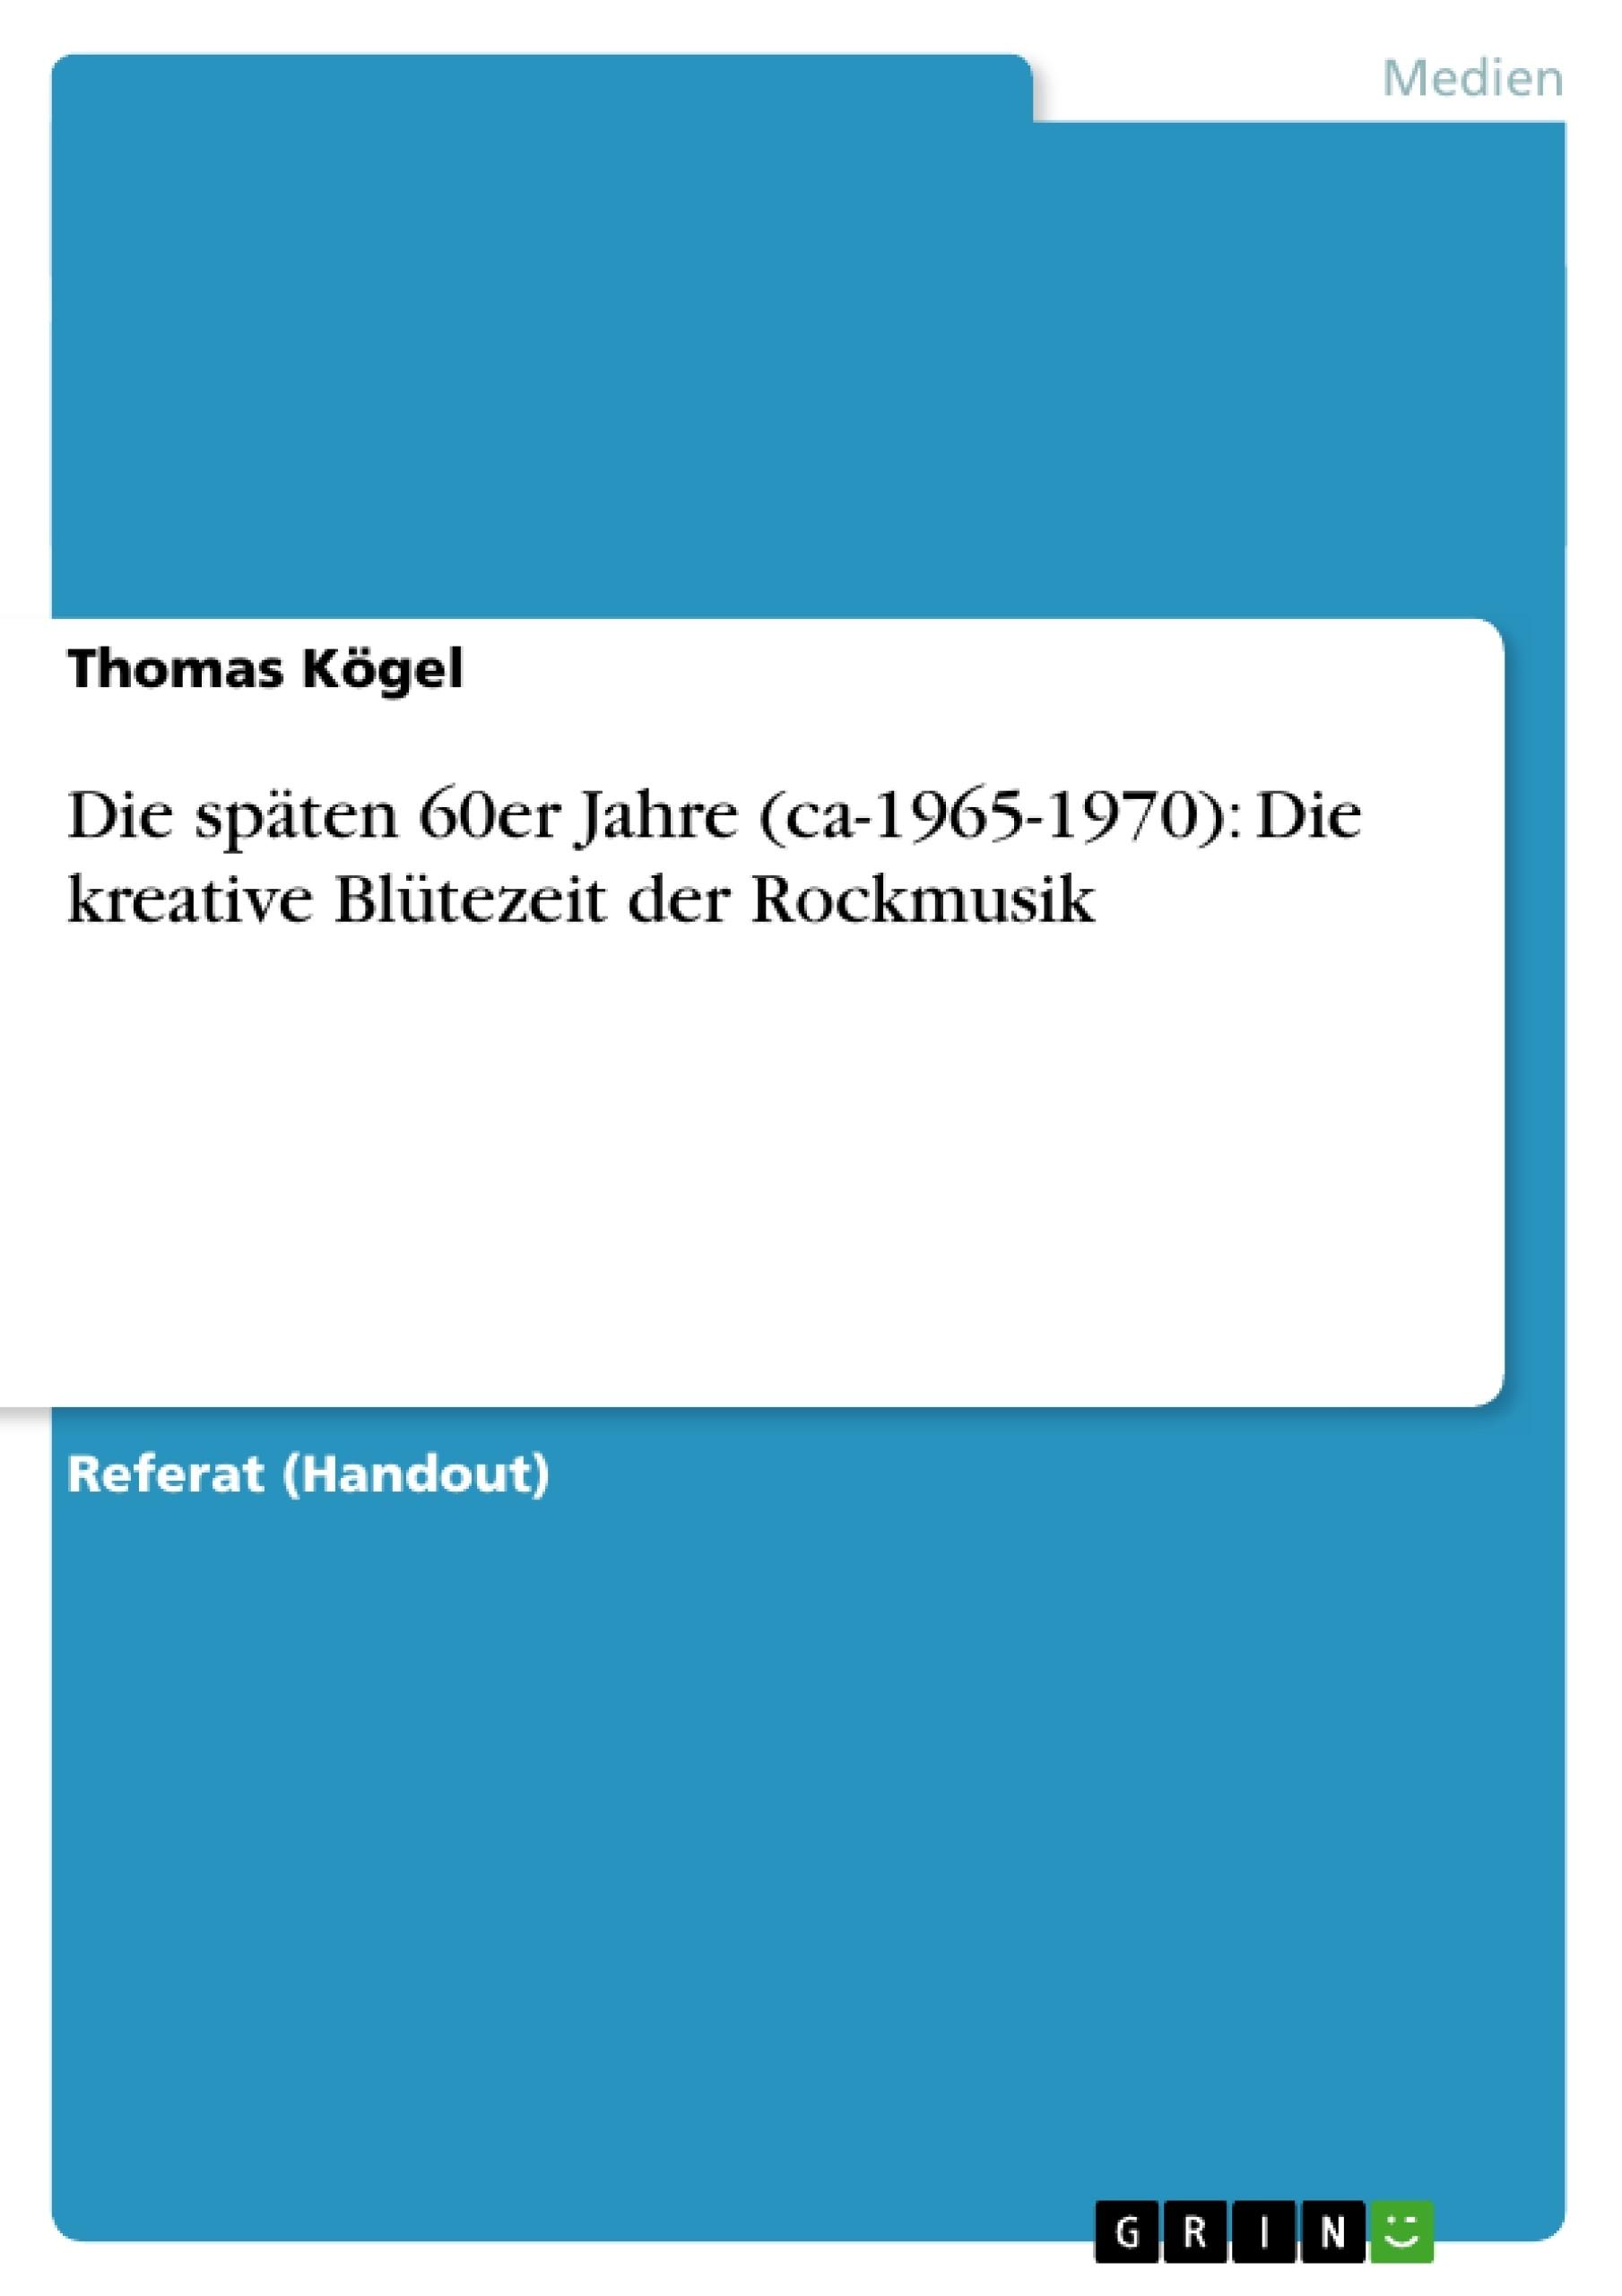 Titel: Die späten 60er Jahre (ca-1965-1970): Die kreative Blütezeit der Rockmusik